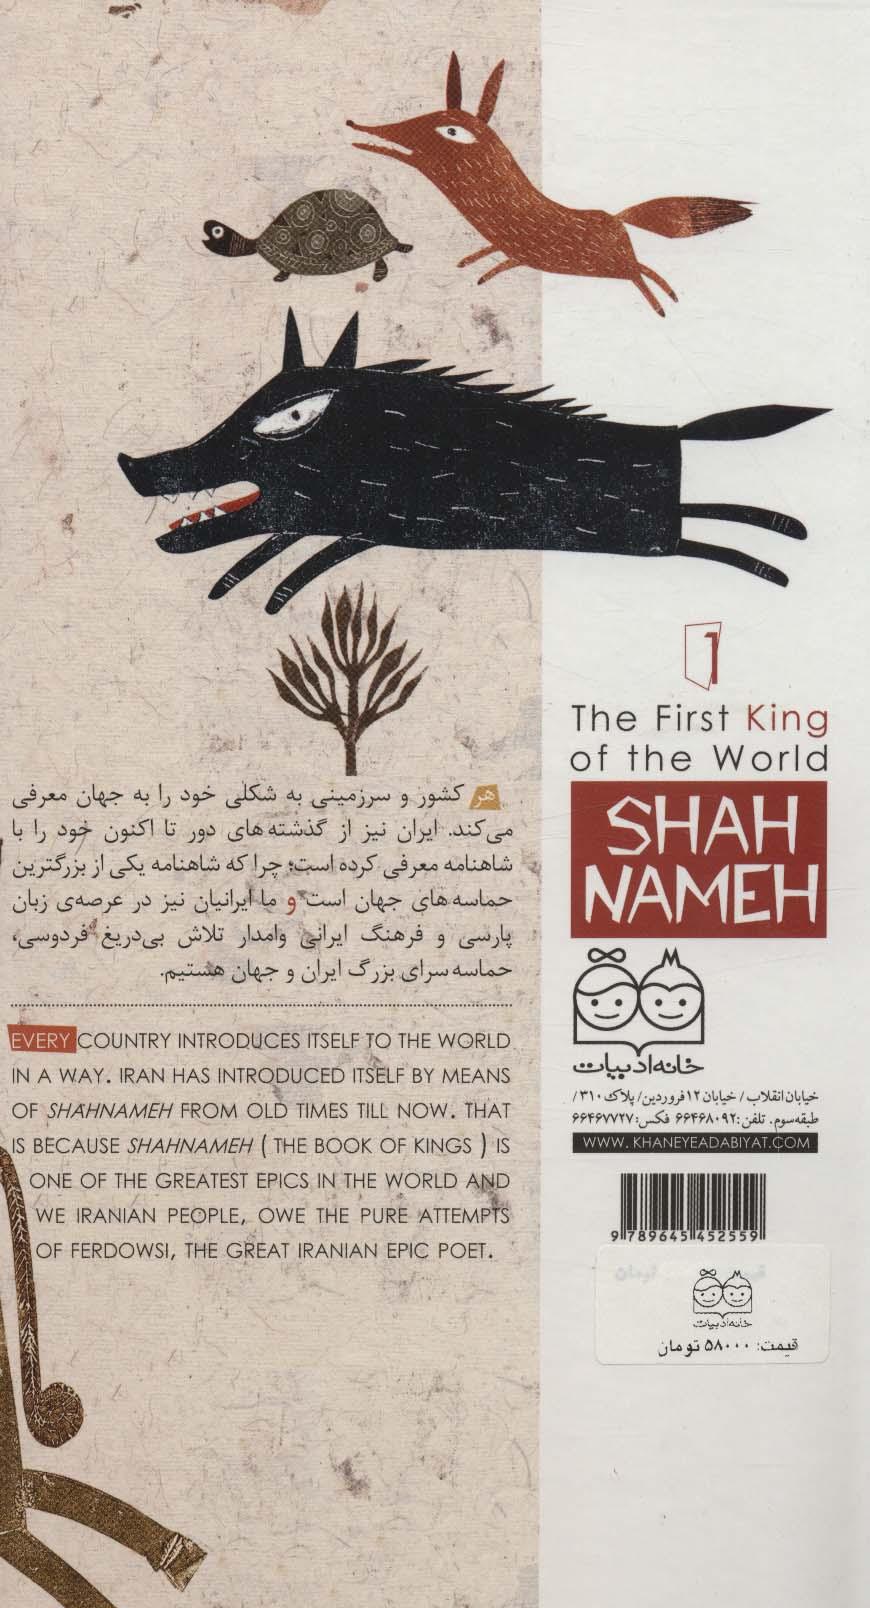 داستان های شاهنامه 1 (اولین پادشاه جهان)،(2زبانه،گلاسه)